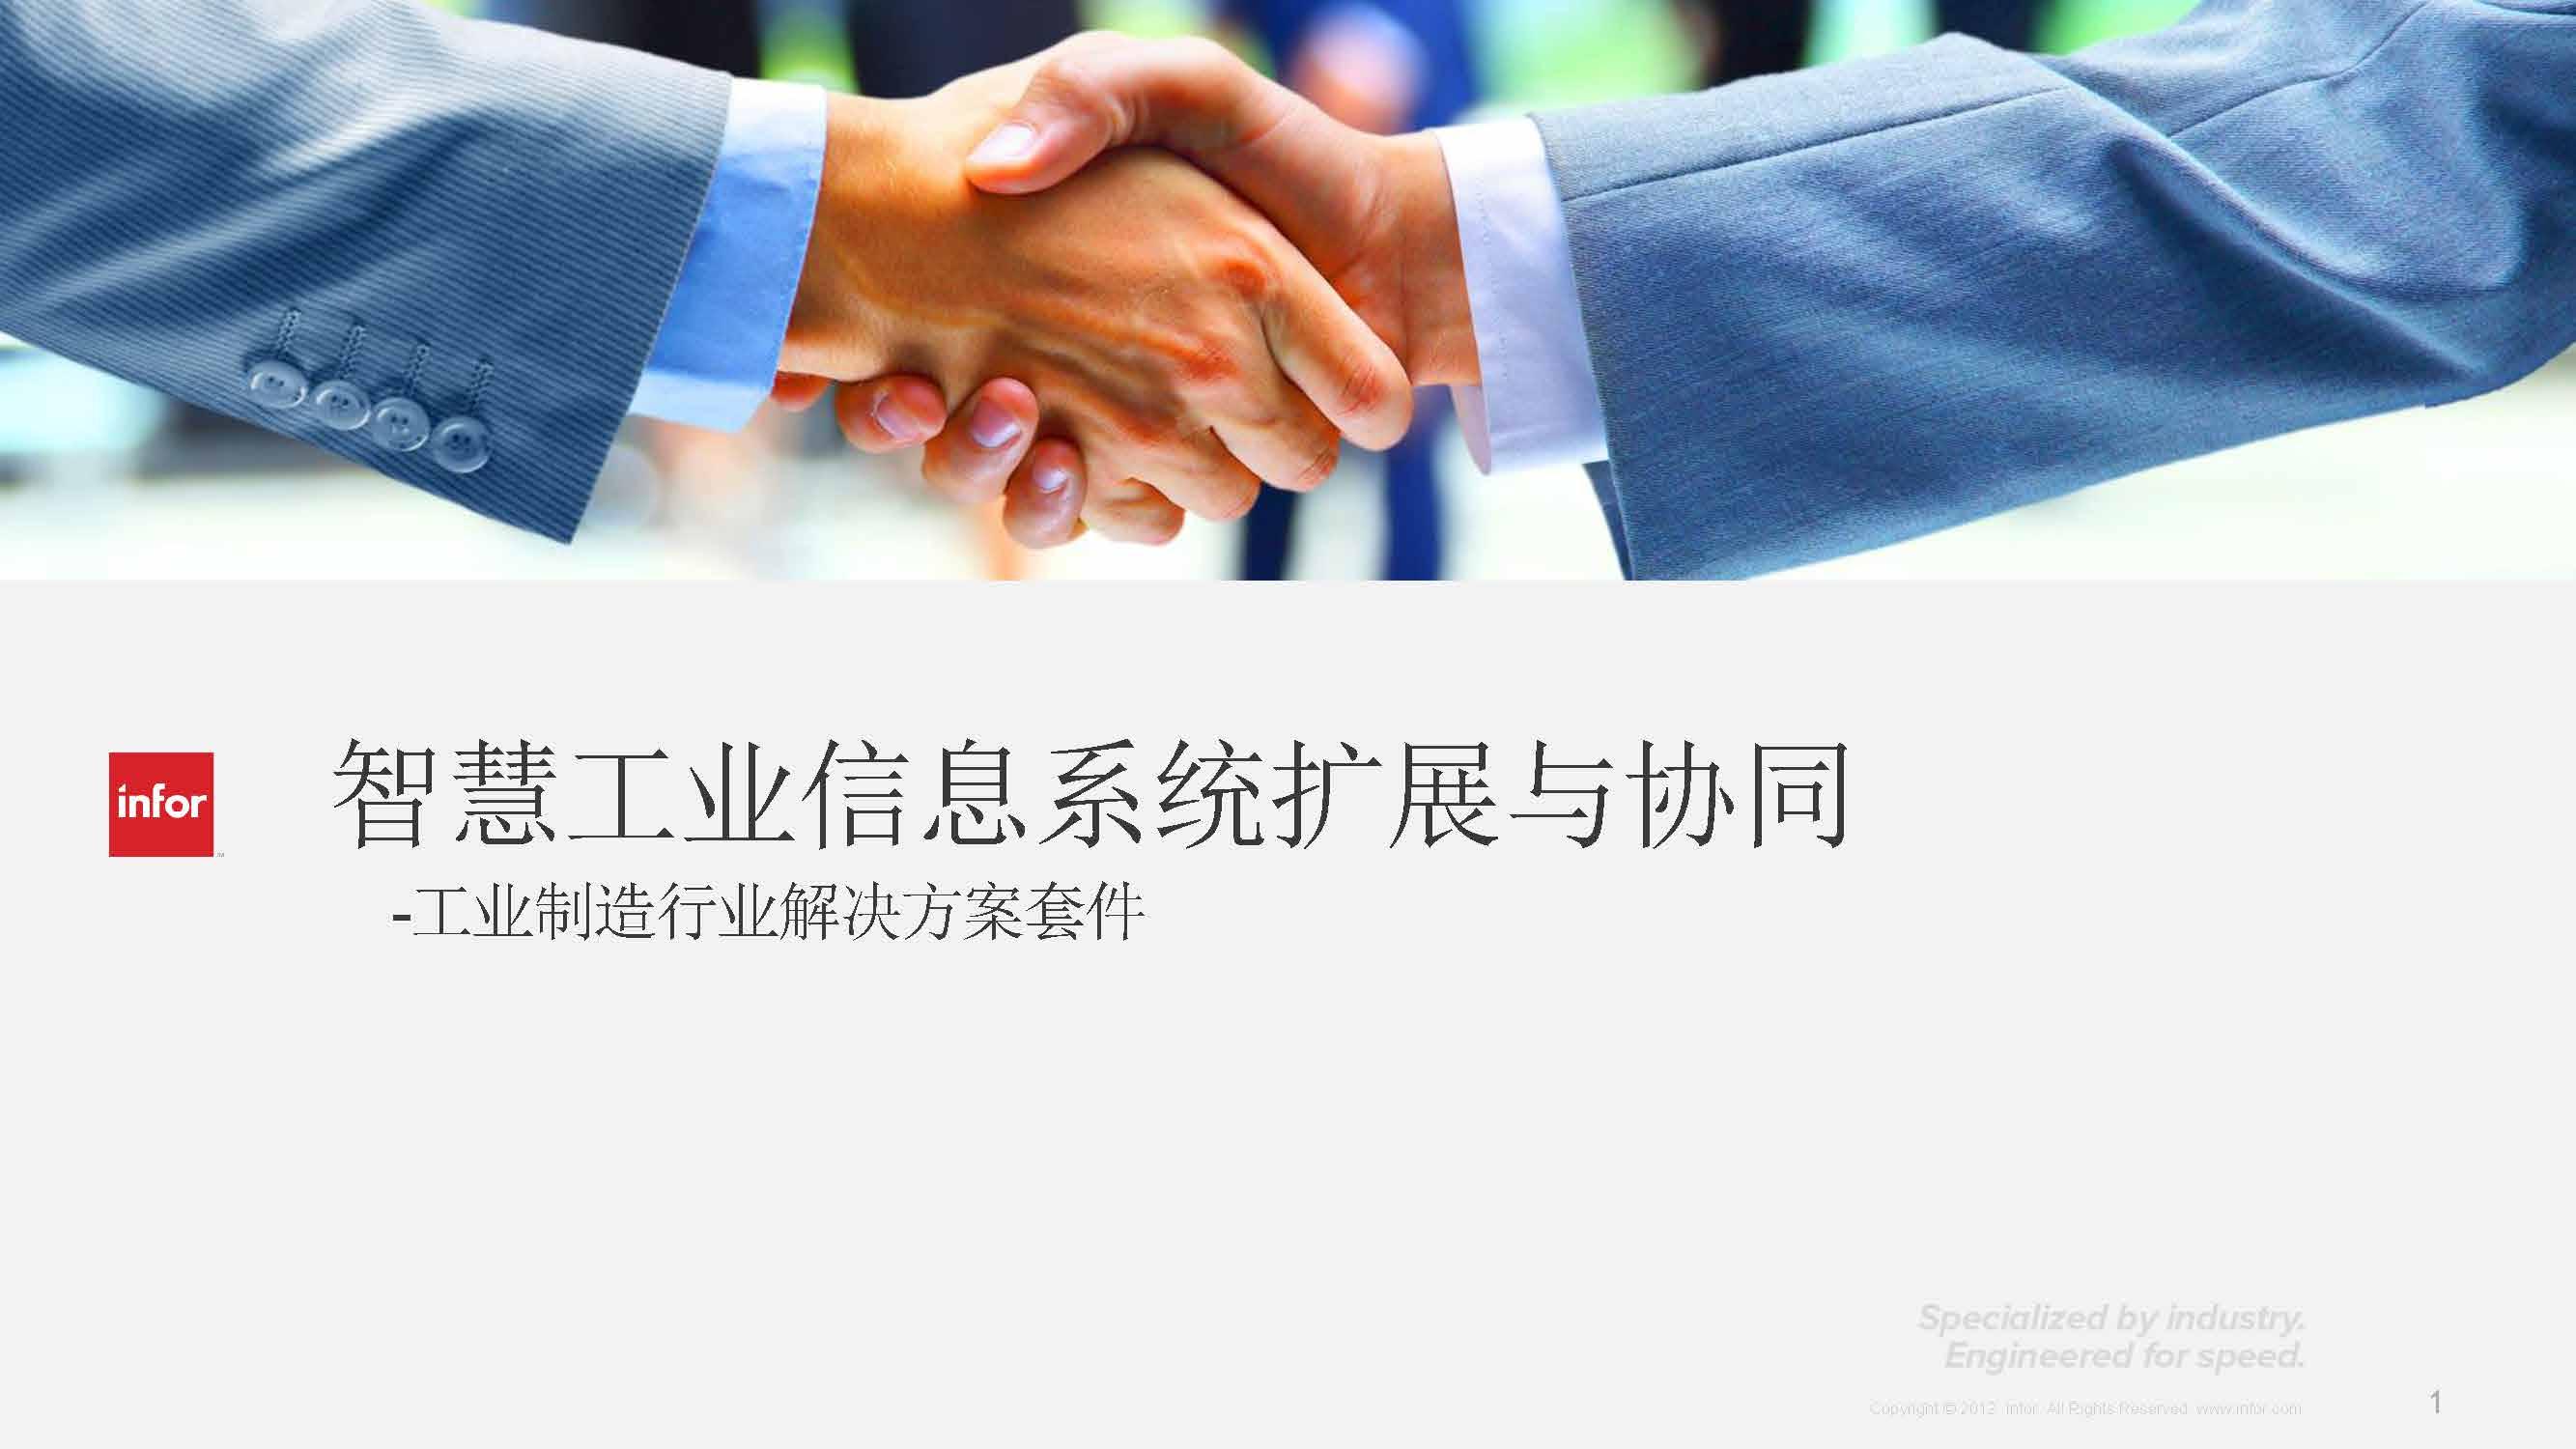 李自刚-智慧工业信息系统扩展与协同